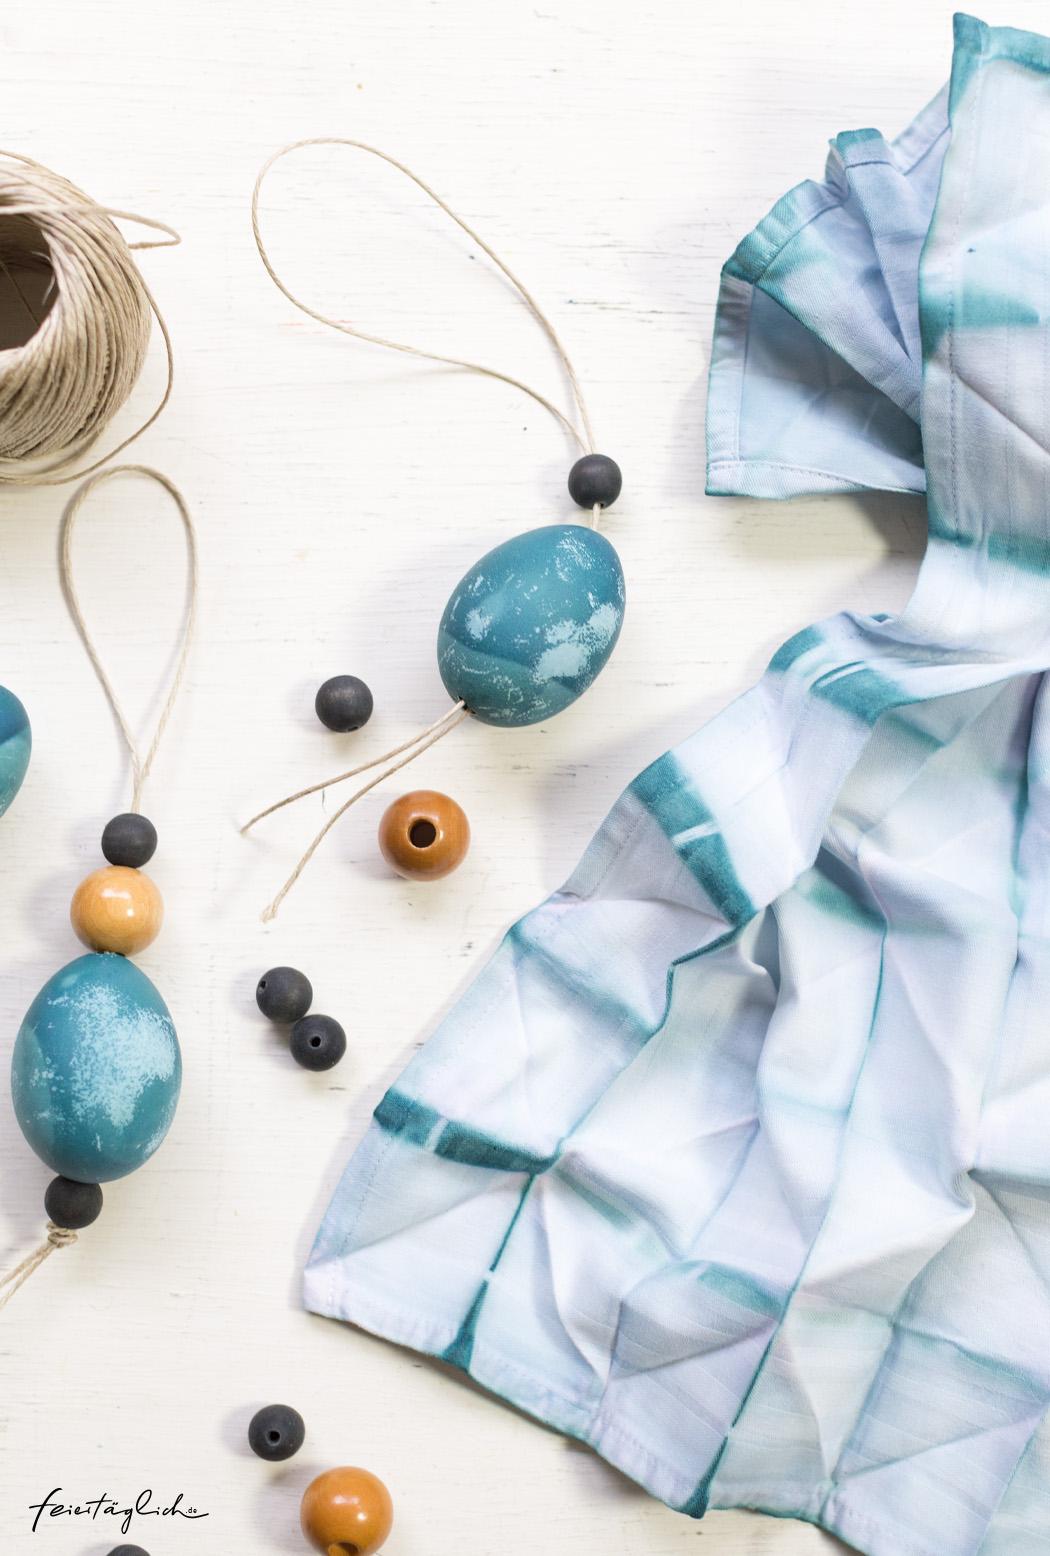 Osterdekoration in Blau, Osterstrauss, Anhänger selbstgemacht aus ausgeblasenen Eiern, Naturmaterialien, Batik